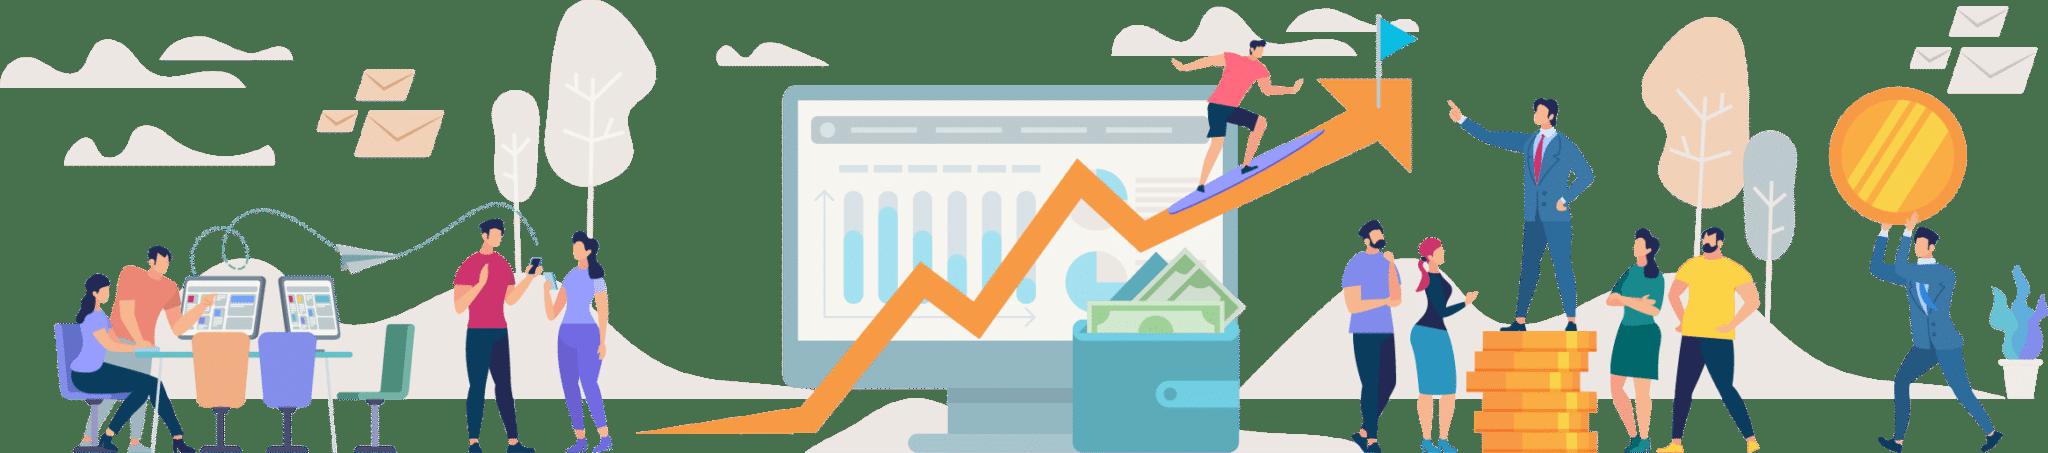 croissance digitale